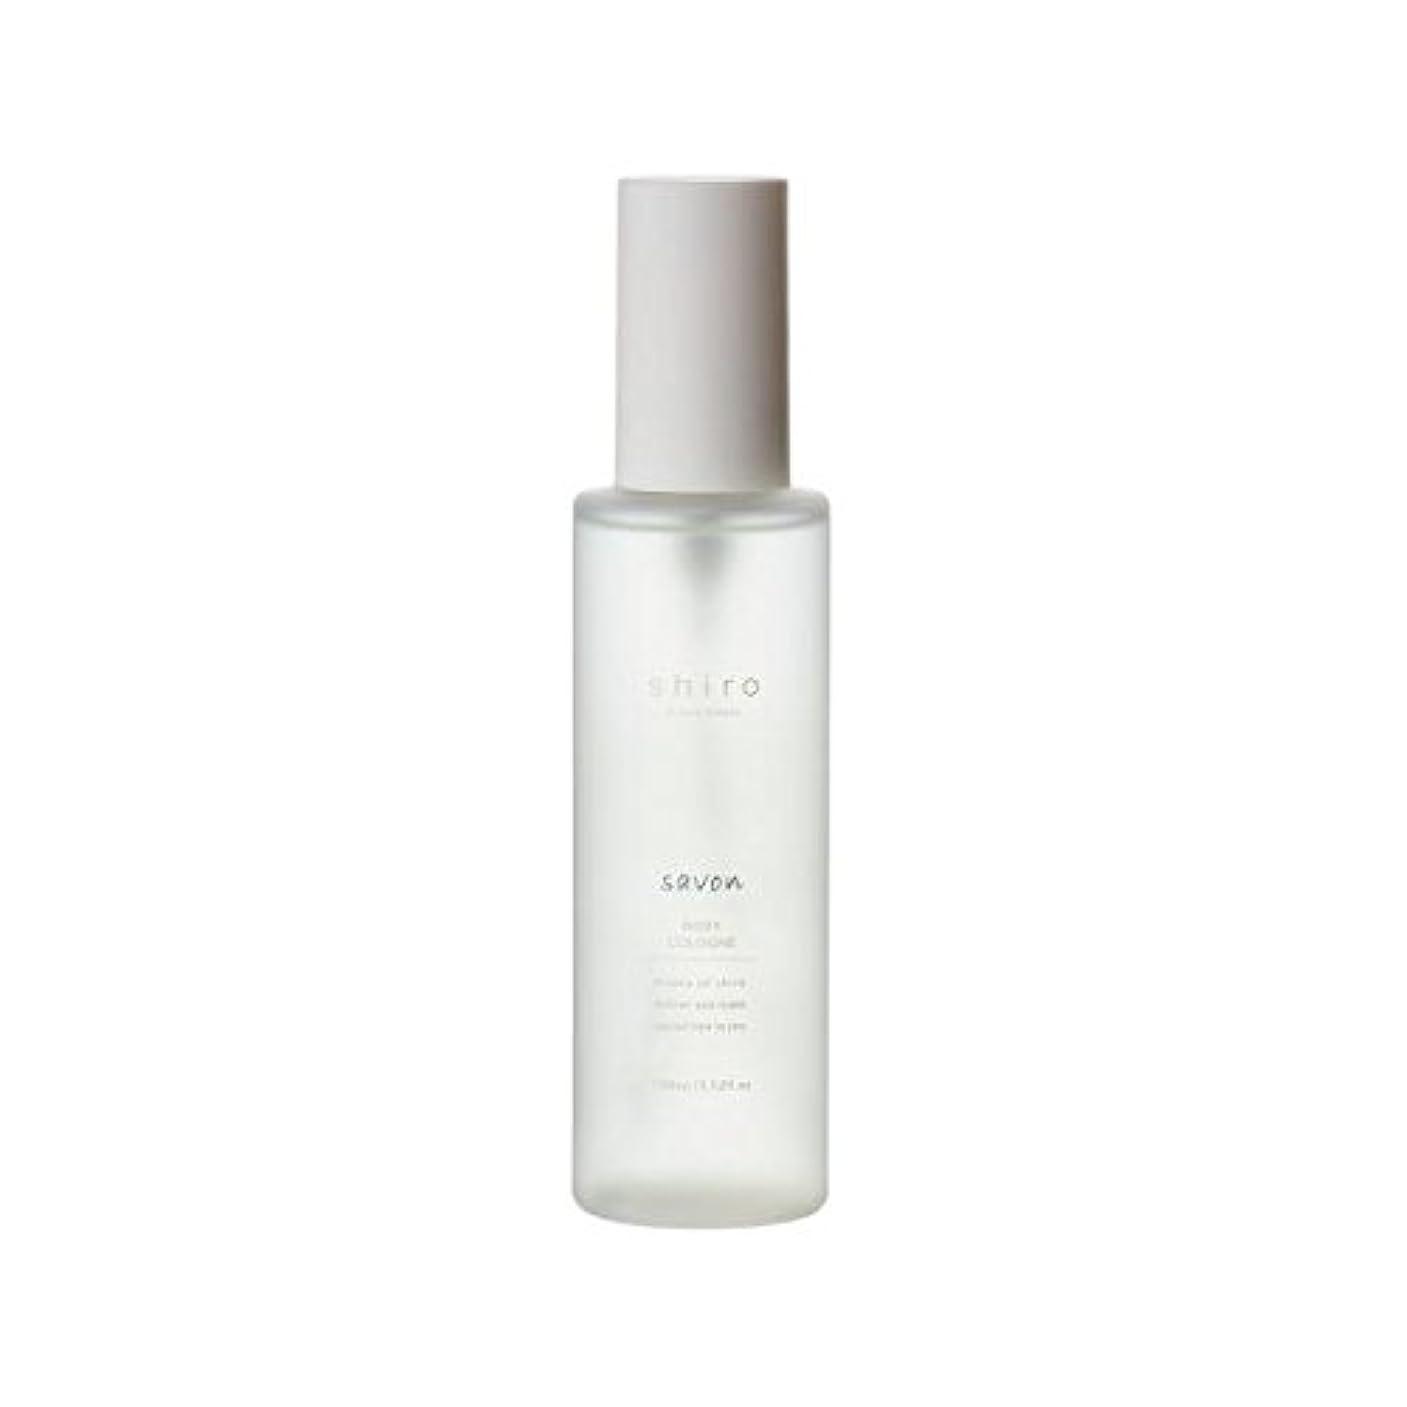 落ち着く貸す北極圏shiro サボン ボディコロン 100ml 清潔で透明感のある自然な石けんの香り ミスト シロ